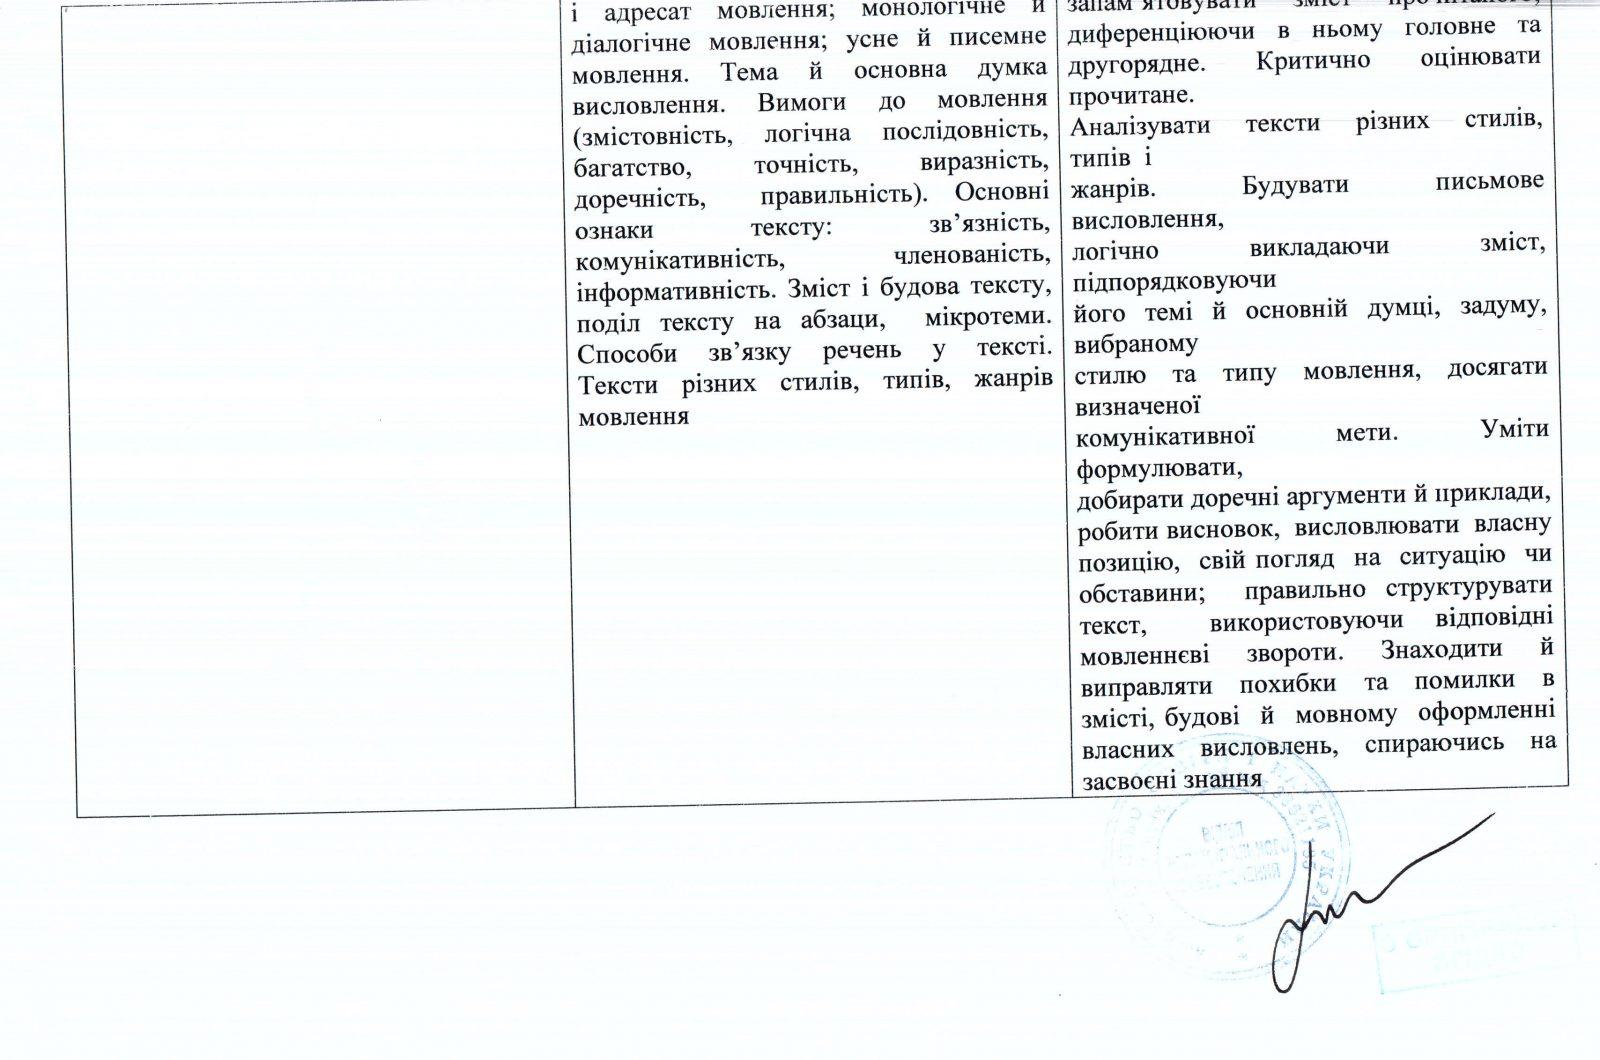 ukr (10)